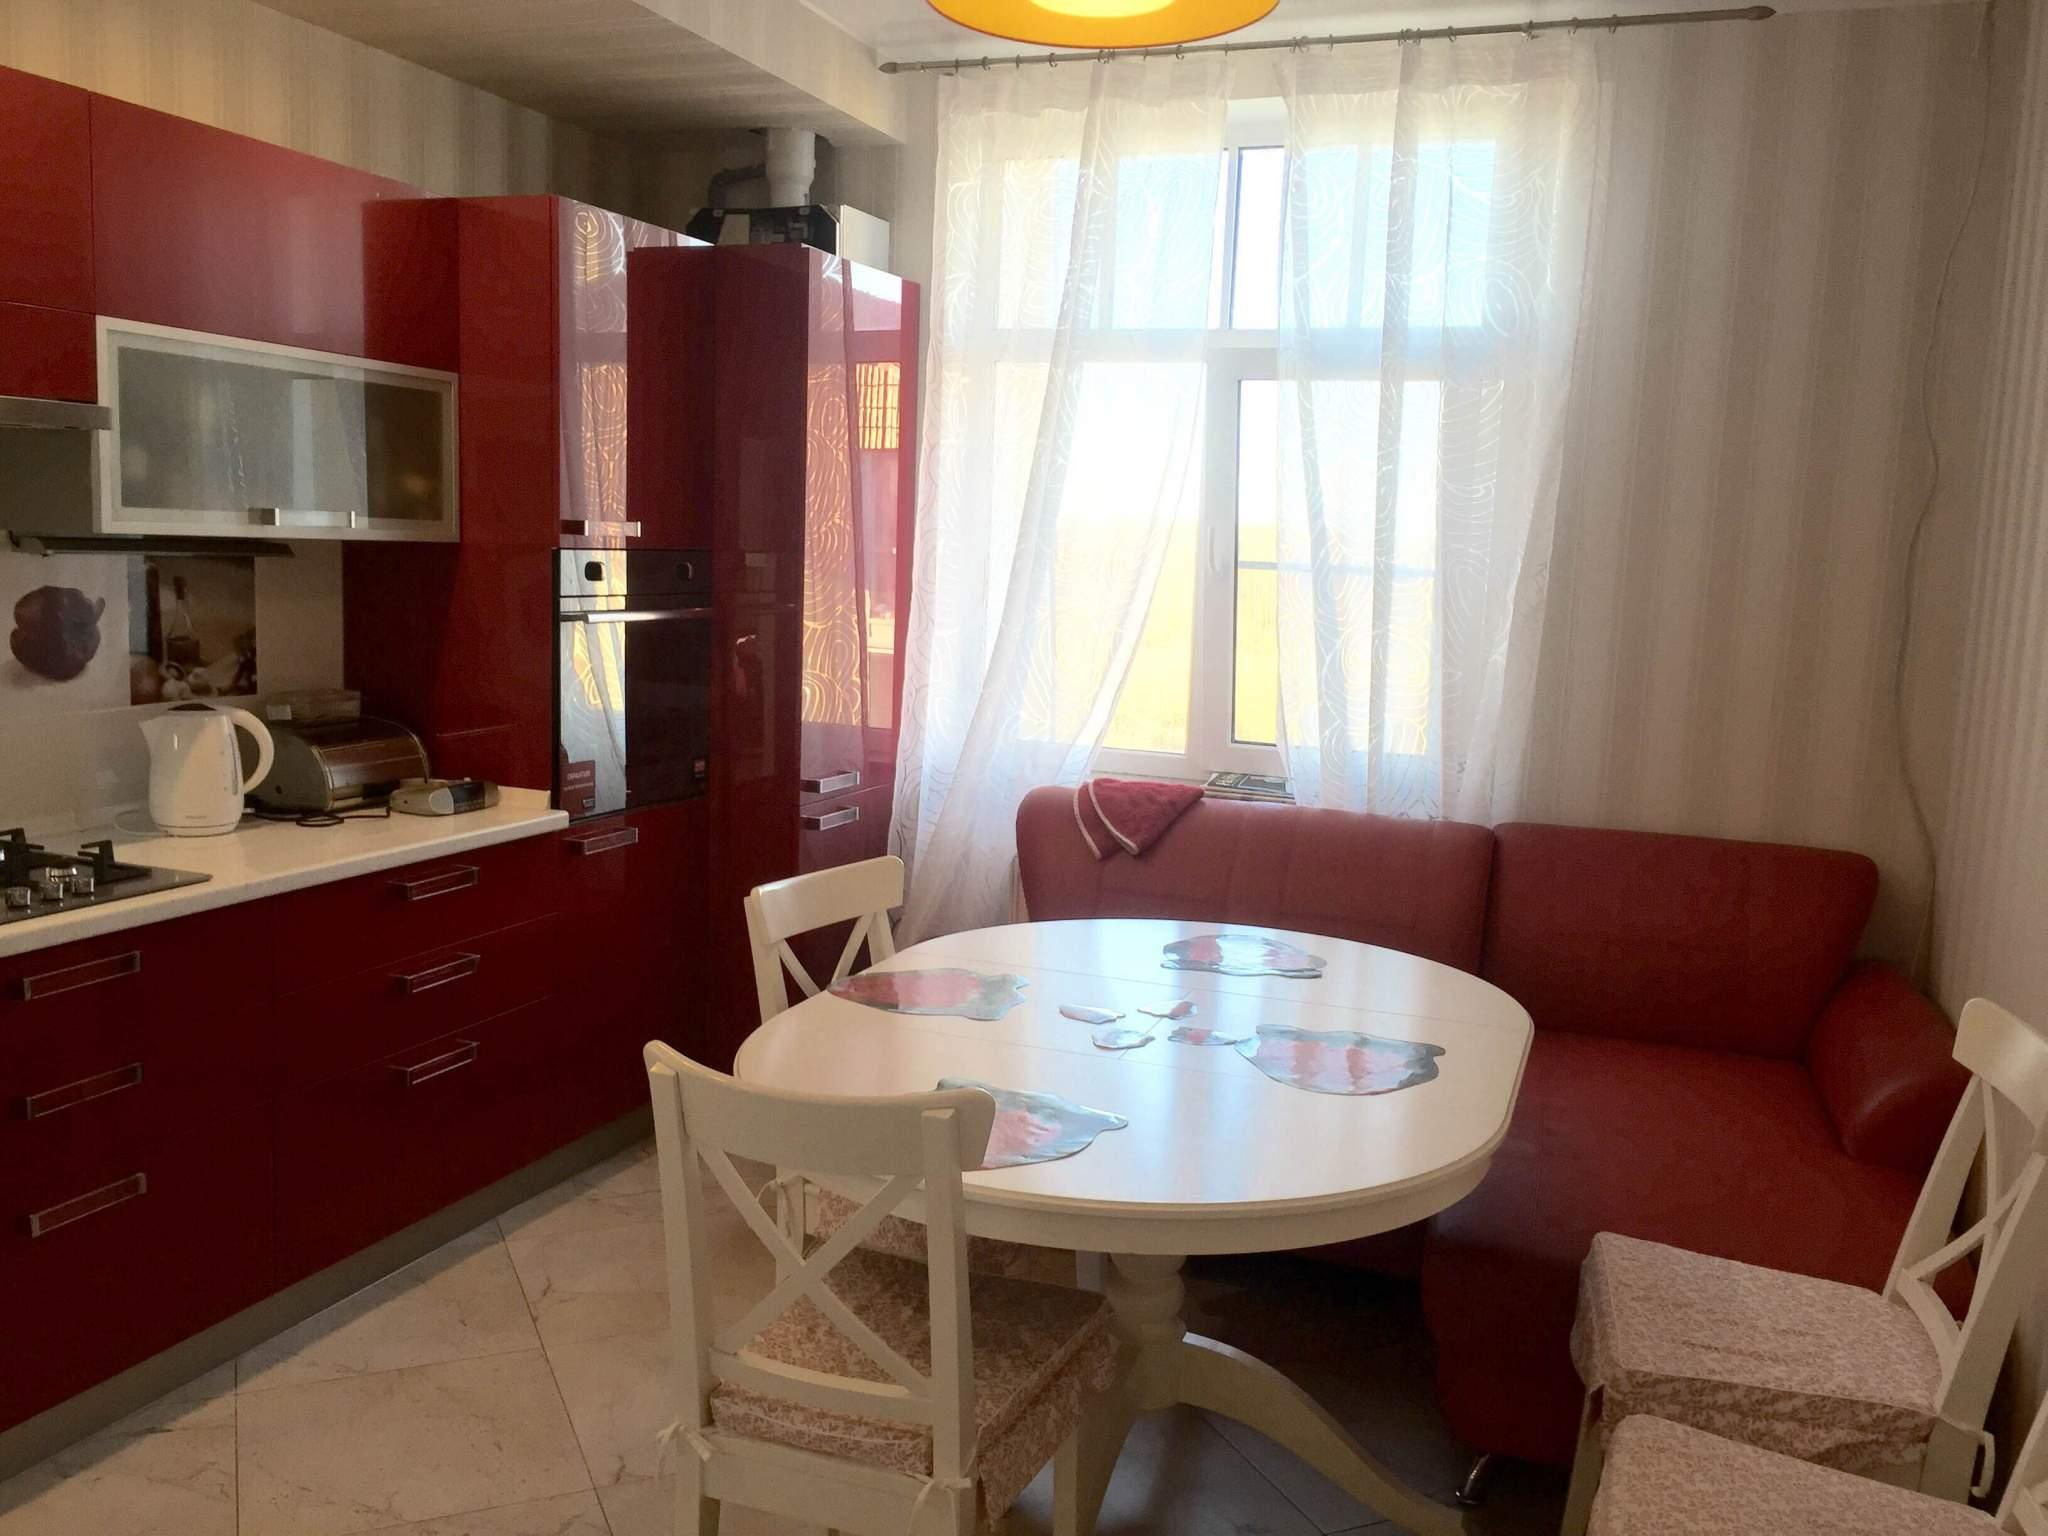 Квартира 2х комнатная в париже купить